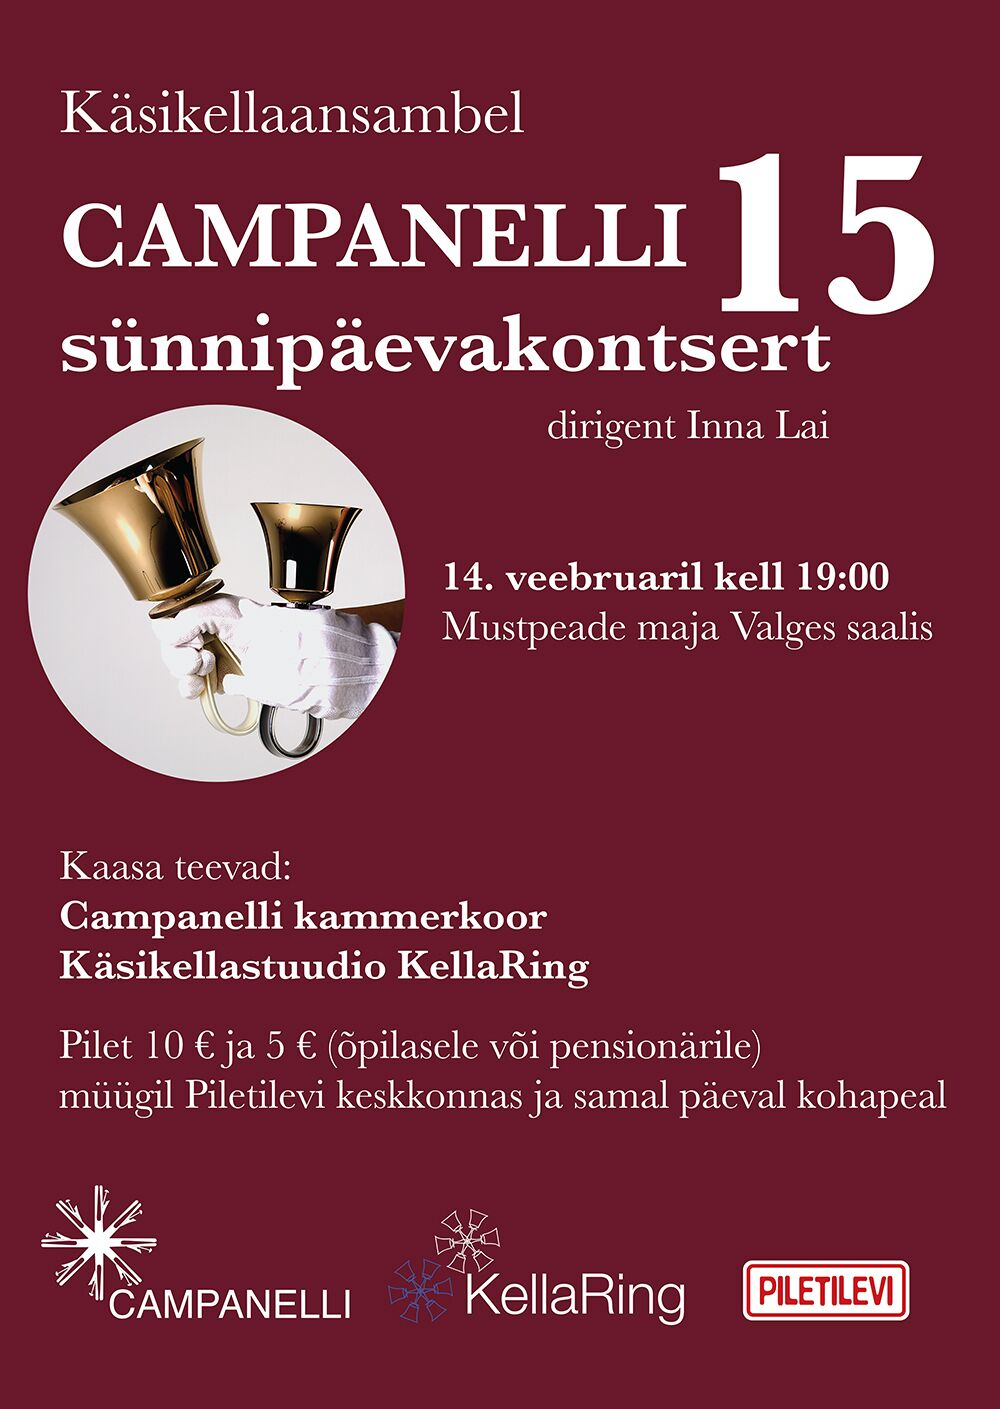 Käsikellaansambel Campanelli 15. sünnipäevakontsert